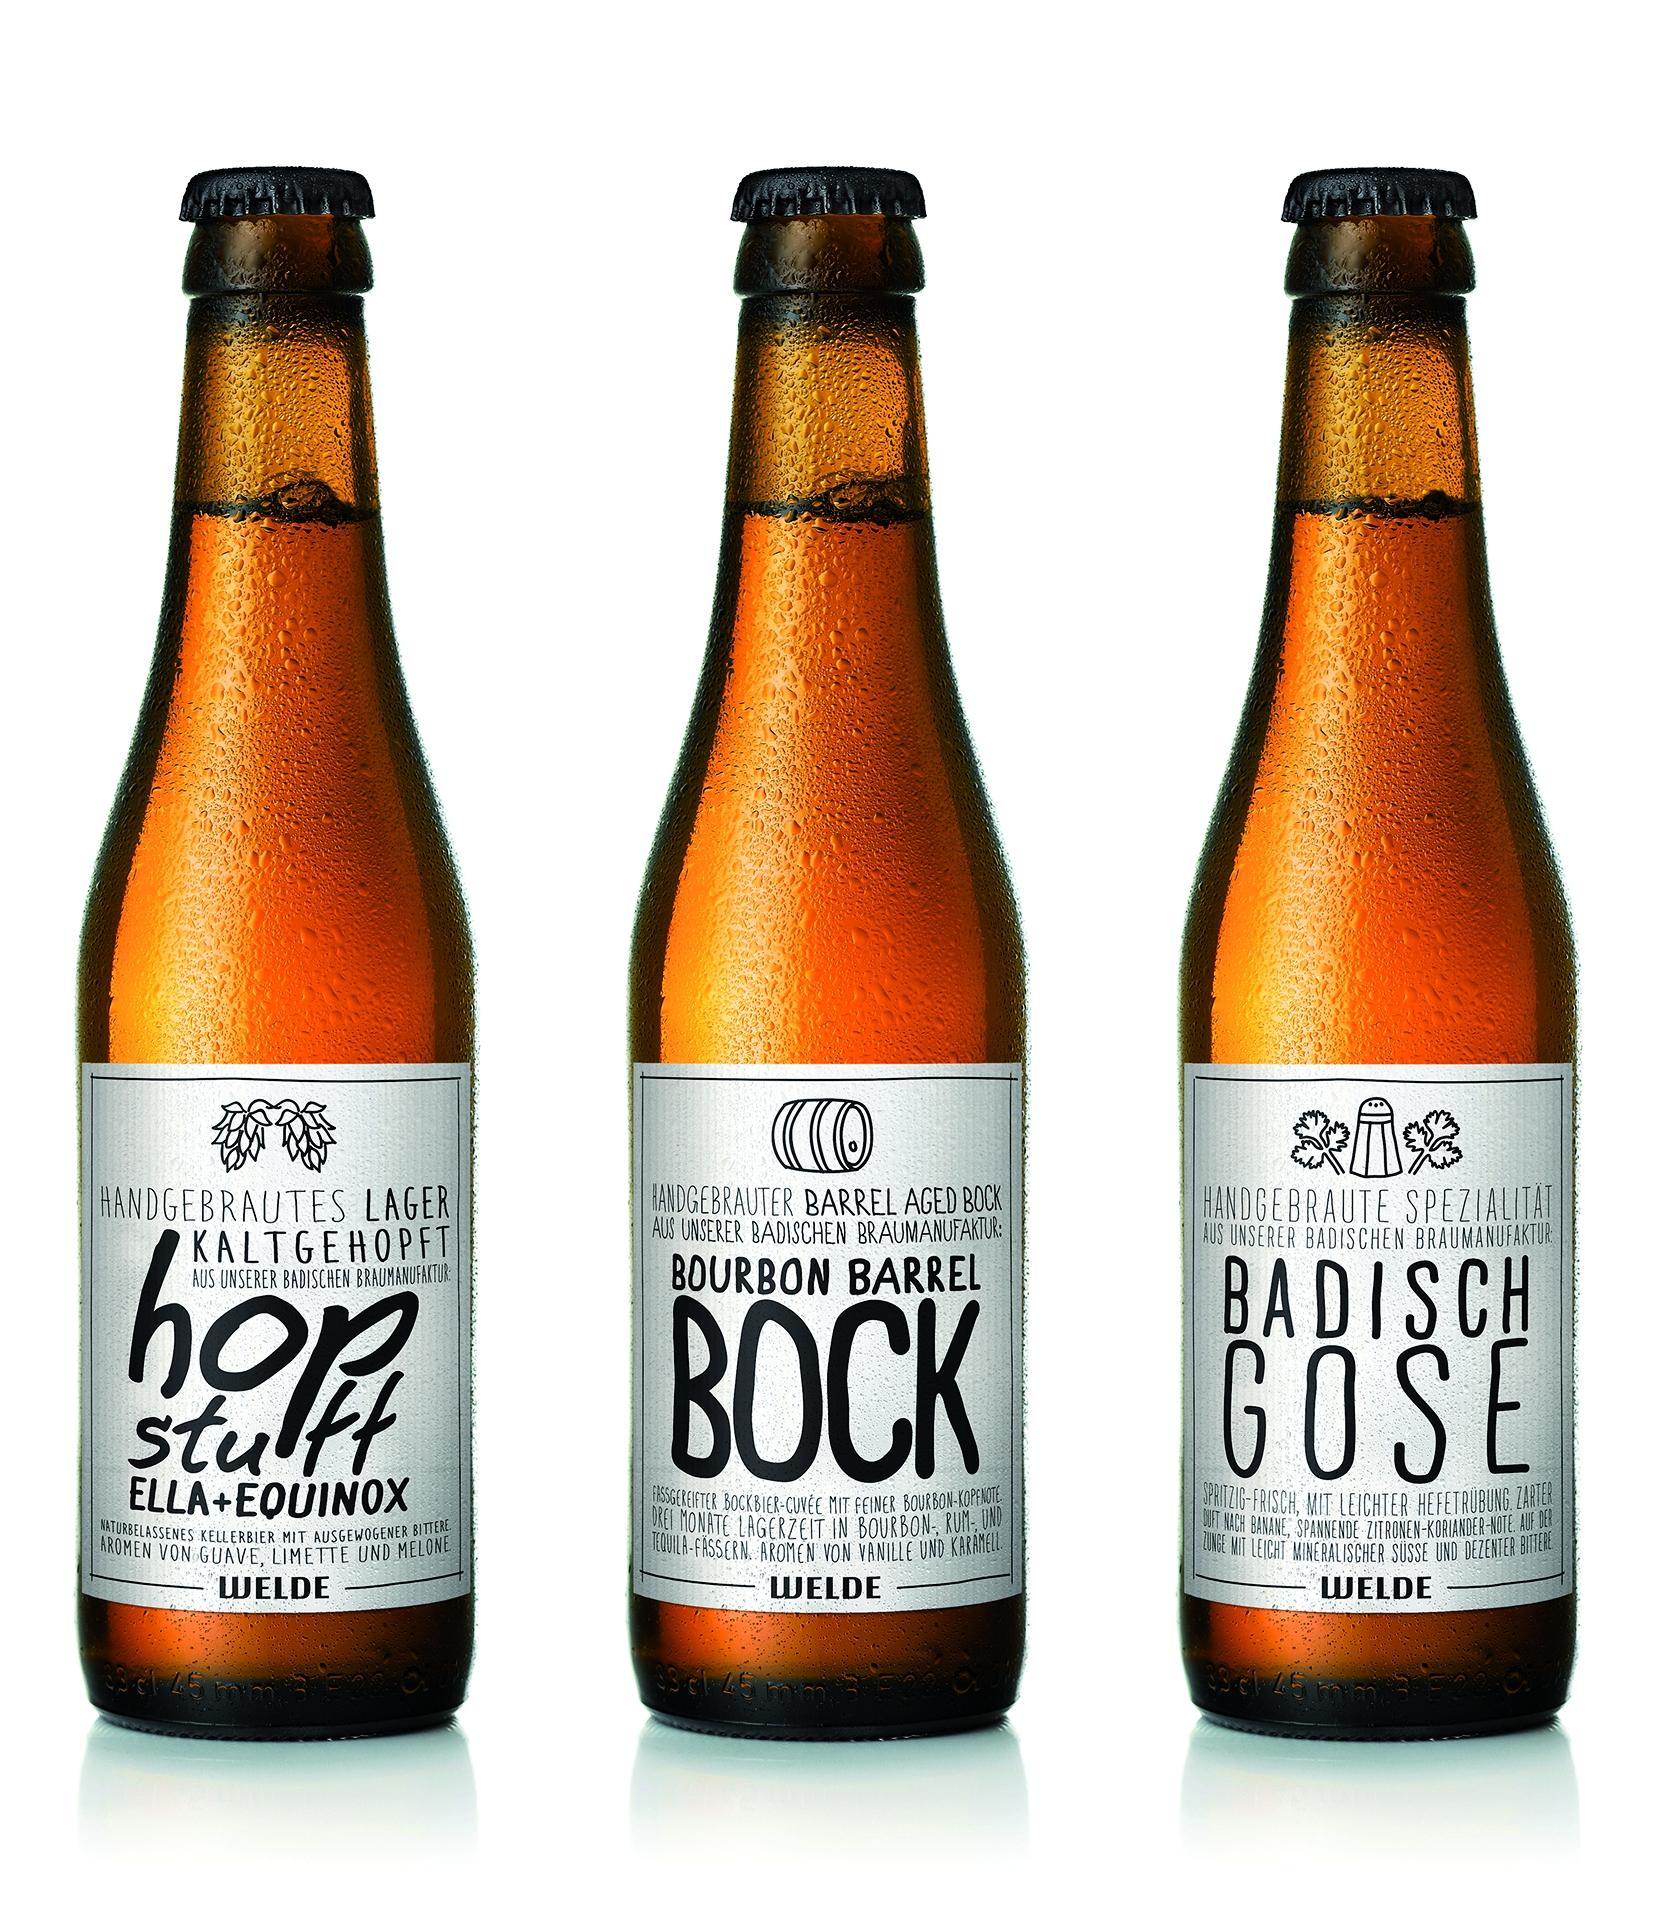 Welde website welde craft beer aus hopfen malz for How to craft beer